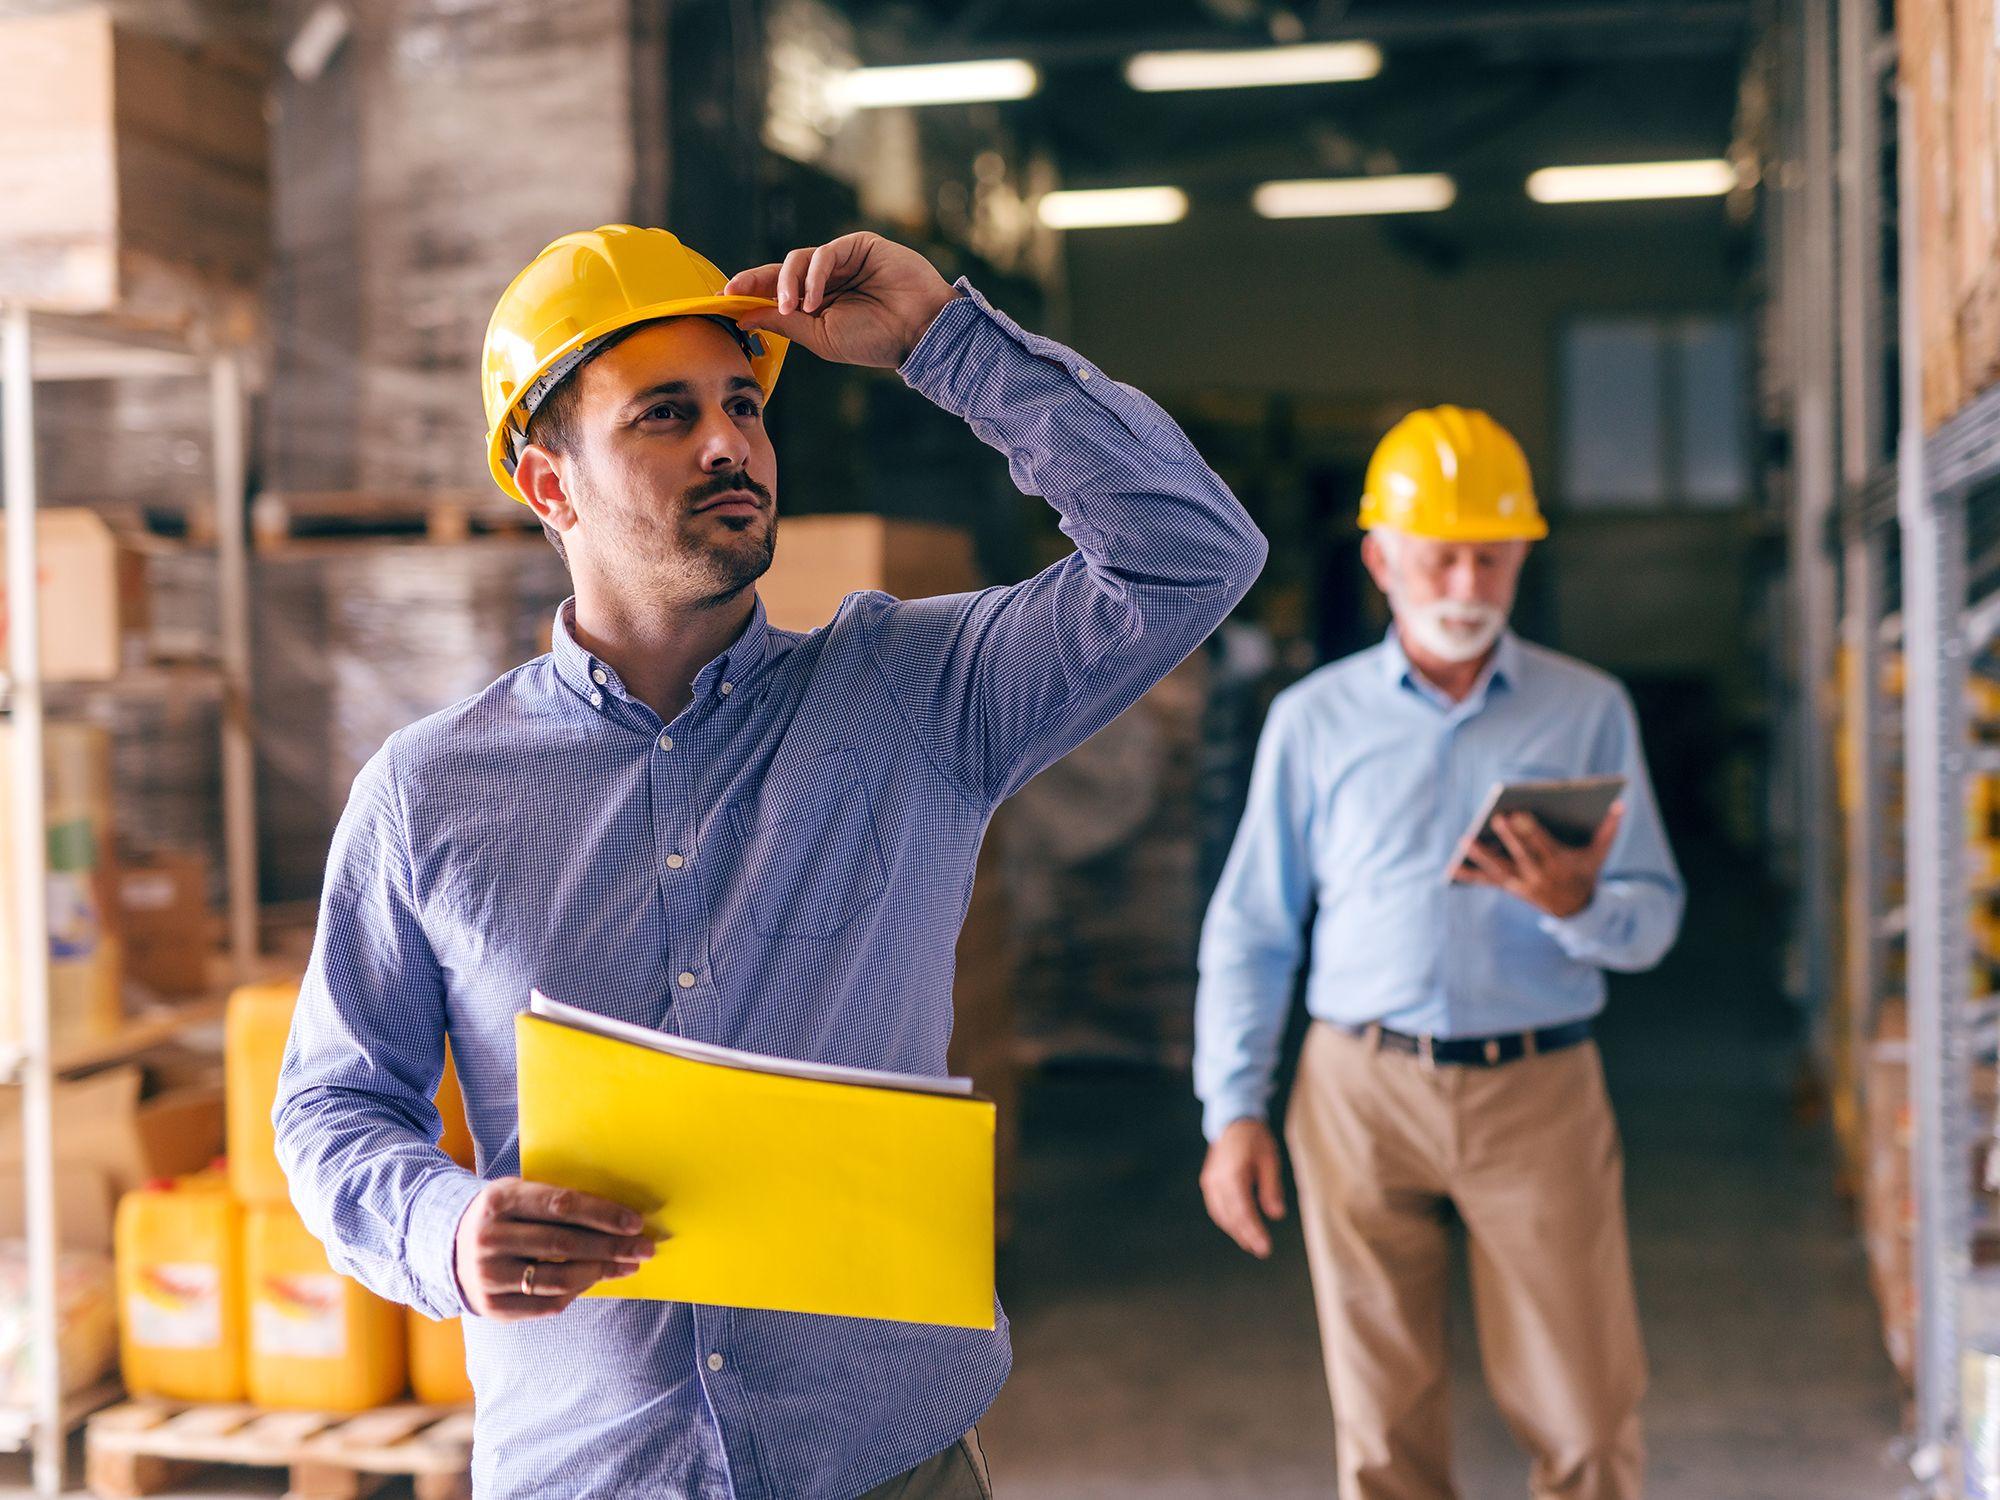 Level 4 - Disponenten, Sachbearbeiter, Exportsachbearbeiter, Personaldisponenten, Logistik Disponenten, Spedition Disponenten, Logistikkoordinateure, Lagerdisponenten, Fuhrparkdisponenten, Verkaufssachbearbeiter, Werkstattleiter, Speditionskaufmann, Controller, Materianldisponenten, Importsachbearbeiter, Leiharbeiter, Zeitarbeiter, Leiharbeitnehmer, Leihkraft, Temporärarbeiter für Lager, Spedition, Logistik, Logistikzentrum, Ladung, Luftfracht, Transportunternehmen, Speditionsversand, Lagerlogistik, Fuhrunternehmen, Materialfluss, Distributionslogistik, Fracht, Sperrgut, Transport, Expressdienst, Transportdienst, Warentransport, Speditionsfirmen, Speditionsunternehmen, Transportwesen, Seefracht, Lagerhallen und Lagerarbeit bei uns als Personalagentur, Zeitarbeitsfirma, Zeitarbeitsunternehmen, Personal-Service-Agentur, Personaldienstleistungsagentur und Leiharbeitsfirma per Arbeitnehmer-Leasing, Arbeitnehmerüberlassung, Arbeitskräfte-Leasing, Arbeitskräfteüberlassung, Arbeitskraftüberlassung, Leiharbeit, Mitarbeiter-Leasing, Mitarbeiterleasing, Mitarbeiterüberlassung, Personaldienstleistung, Personalleasing, Personalüberlassung, Temporärarbeit, Zeitarbeit buchen, mieten, leihen oder langfristig neue Mitarbeiter für Jobs wie Schülerjobs, Ferienjobs, Aushilfsjobs, Studentenjobs, Werkstudentenjobs, Saisonjobs, Vollzeit Jobs, Teilzeit Jobs, Nebenjobs, Temporär Jobs, Gelegenheitsjobs per Personalvermittlung suchen, finden und vermittelt bekommen.